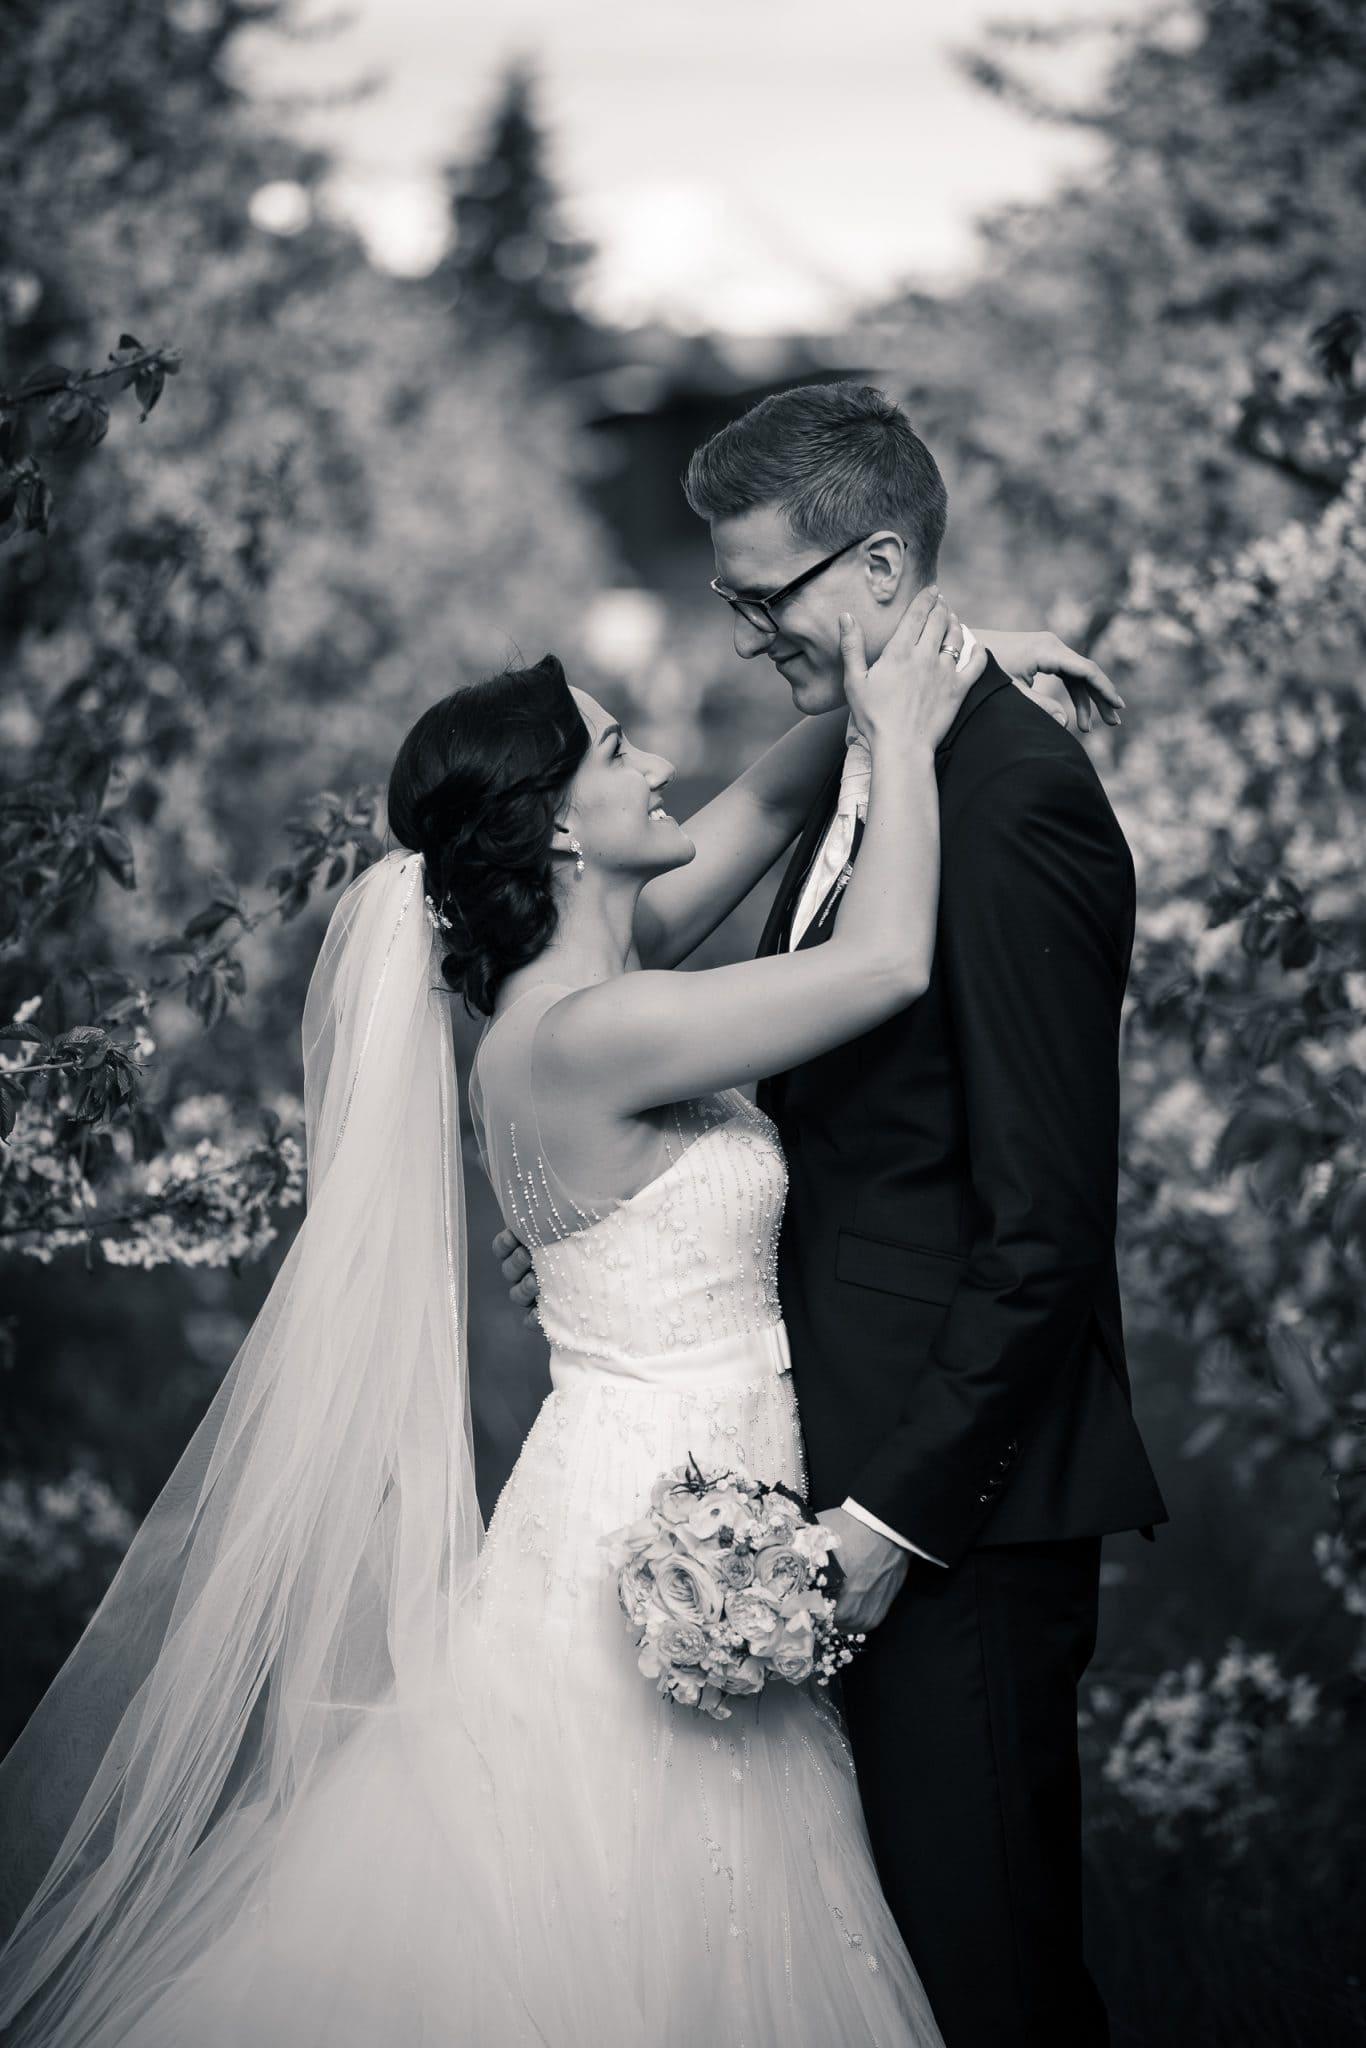 hochzeit_wedding_tirol_036_dianapeter_photography_hochzeitsfotografie_portraitfotografie__p3_3000